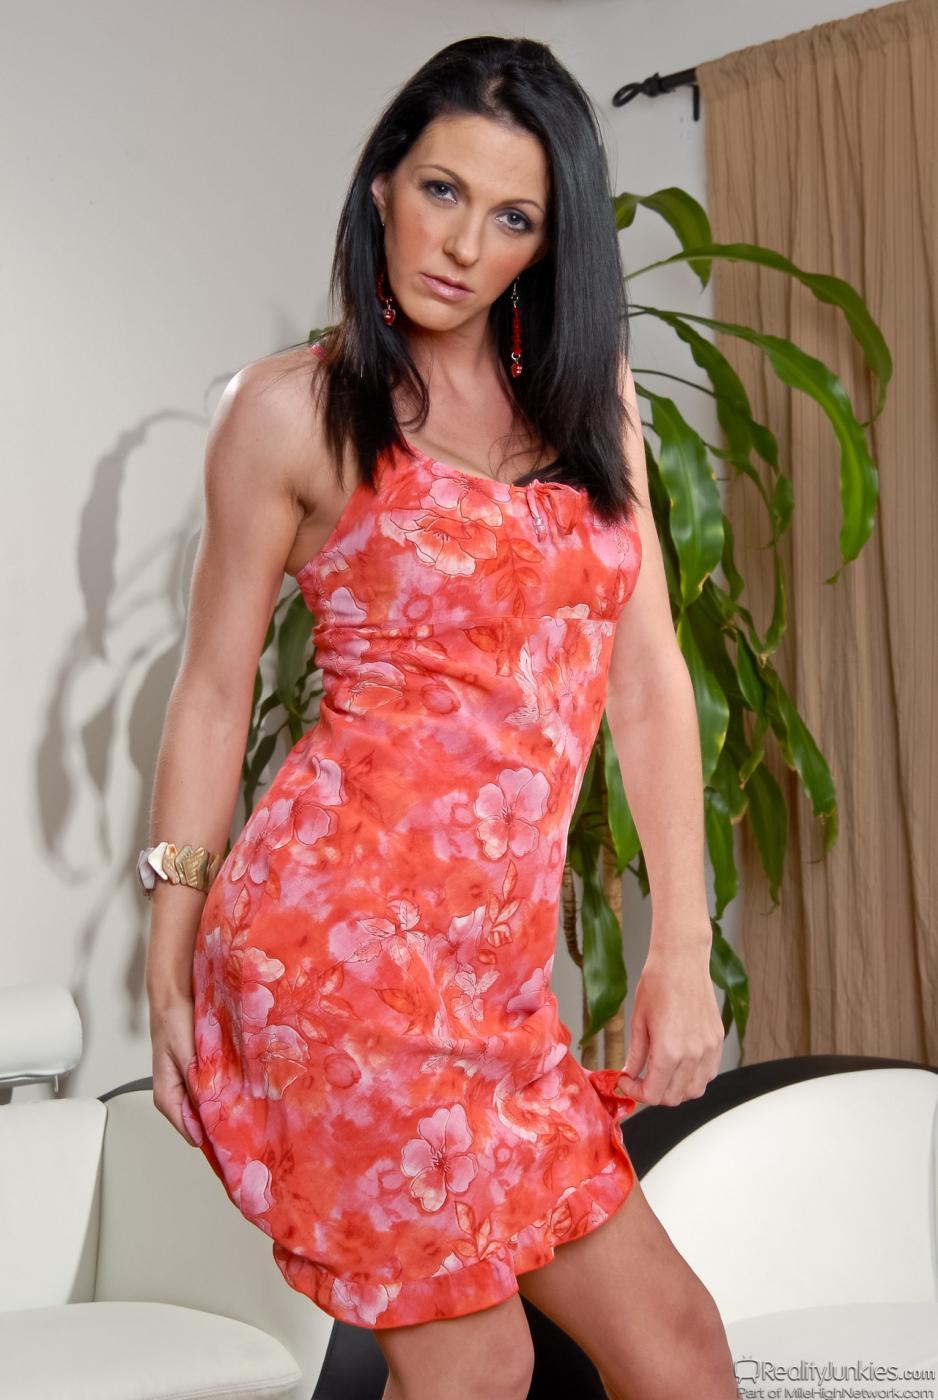 Возбужденная зрелая шатенка Roxanne Hall стаскивает платье и танцует в нижнем белье